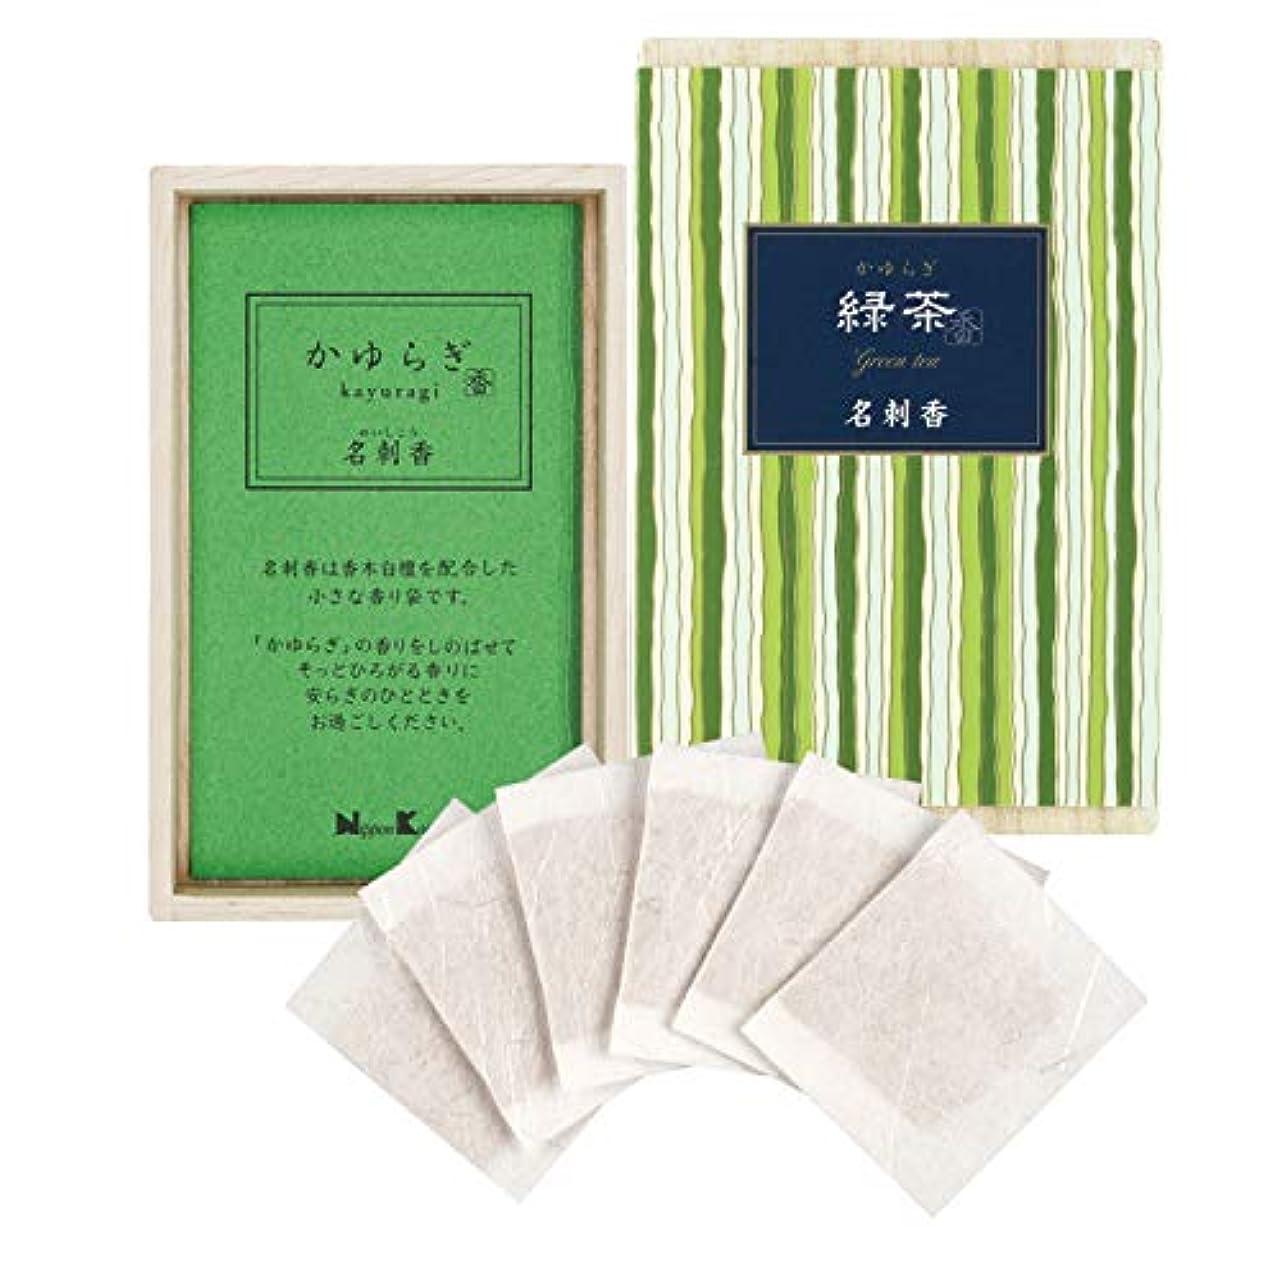 起こる割合誠実かゆらぎ 緑茶 名刺香 桐箱 6入